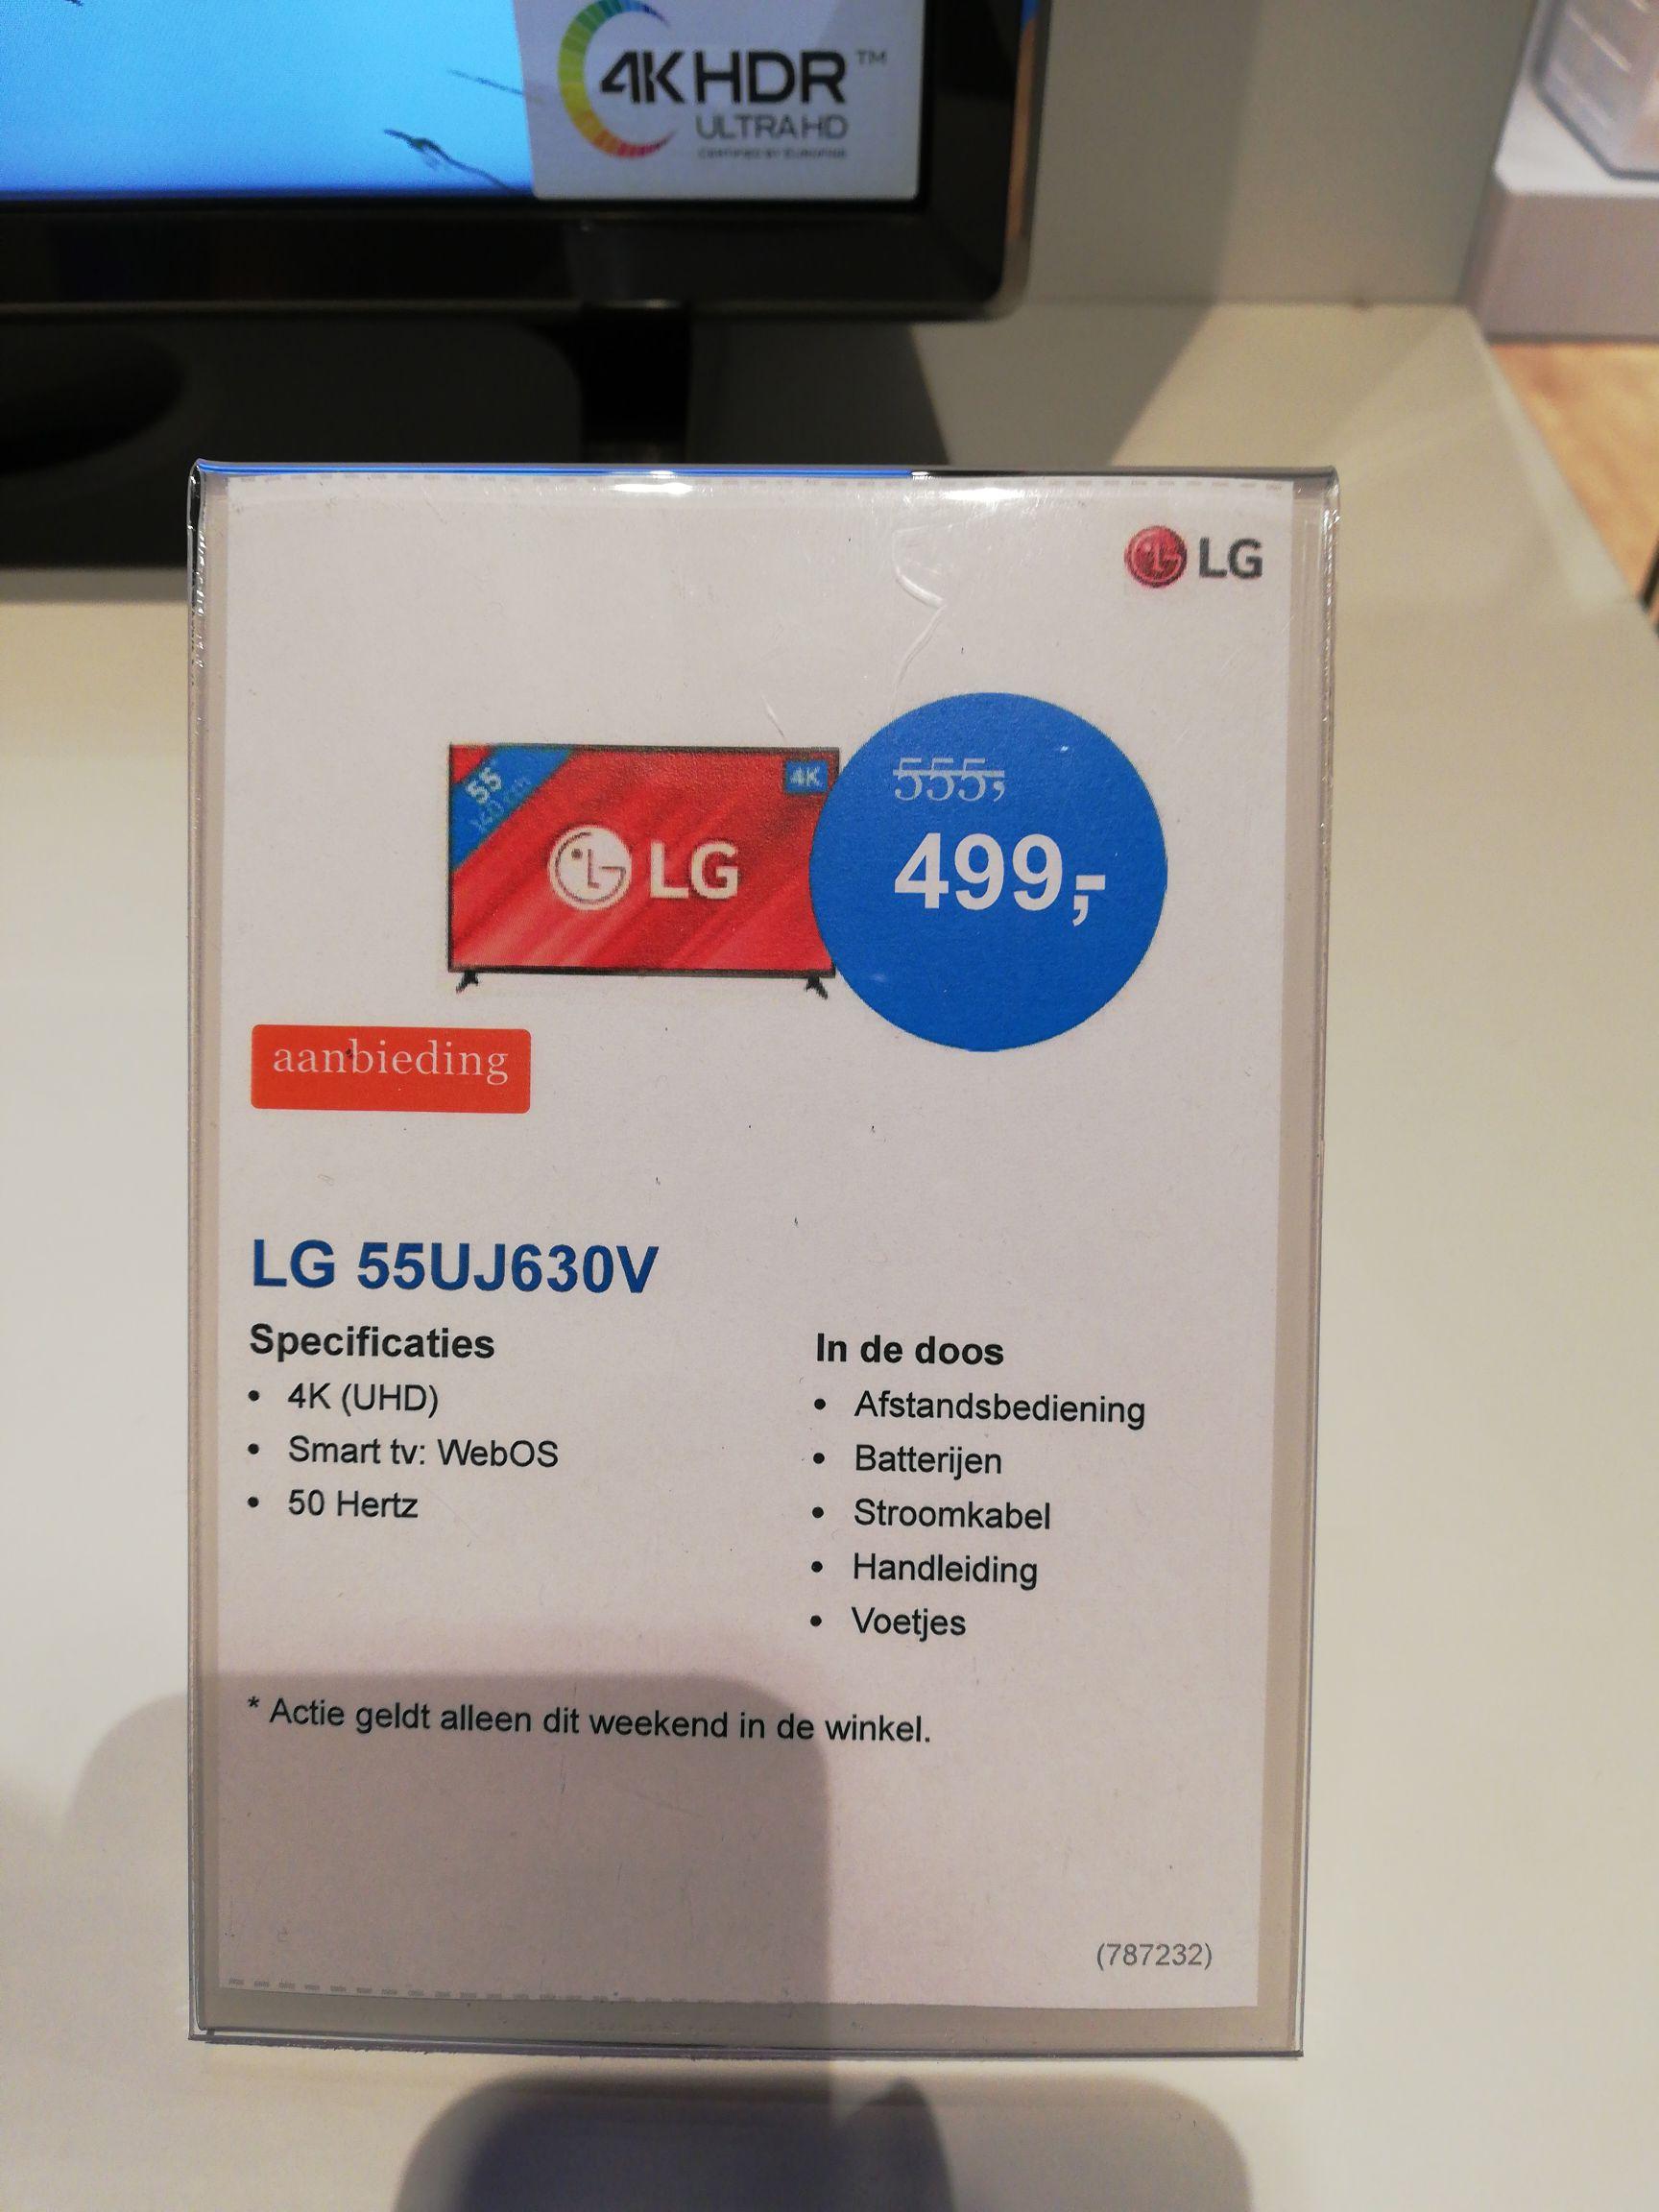 LG 55UJ630V 55 inch 4k Smart tv voor 499 bij Coolblue Den Haag